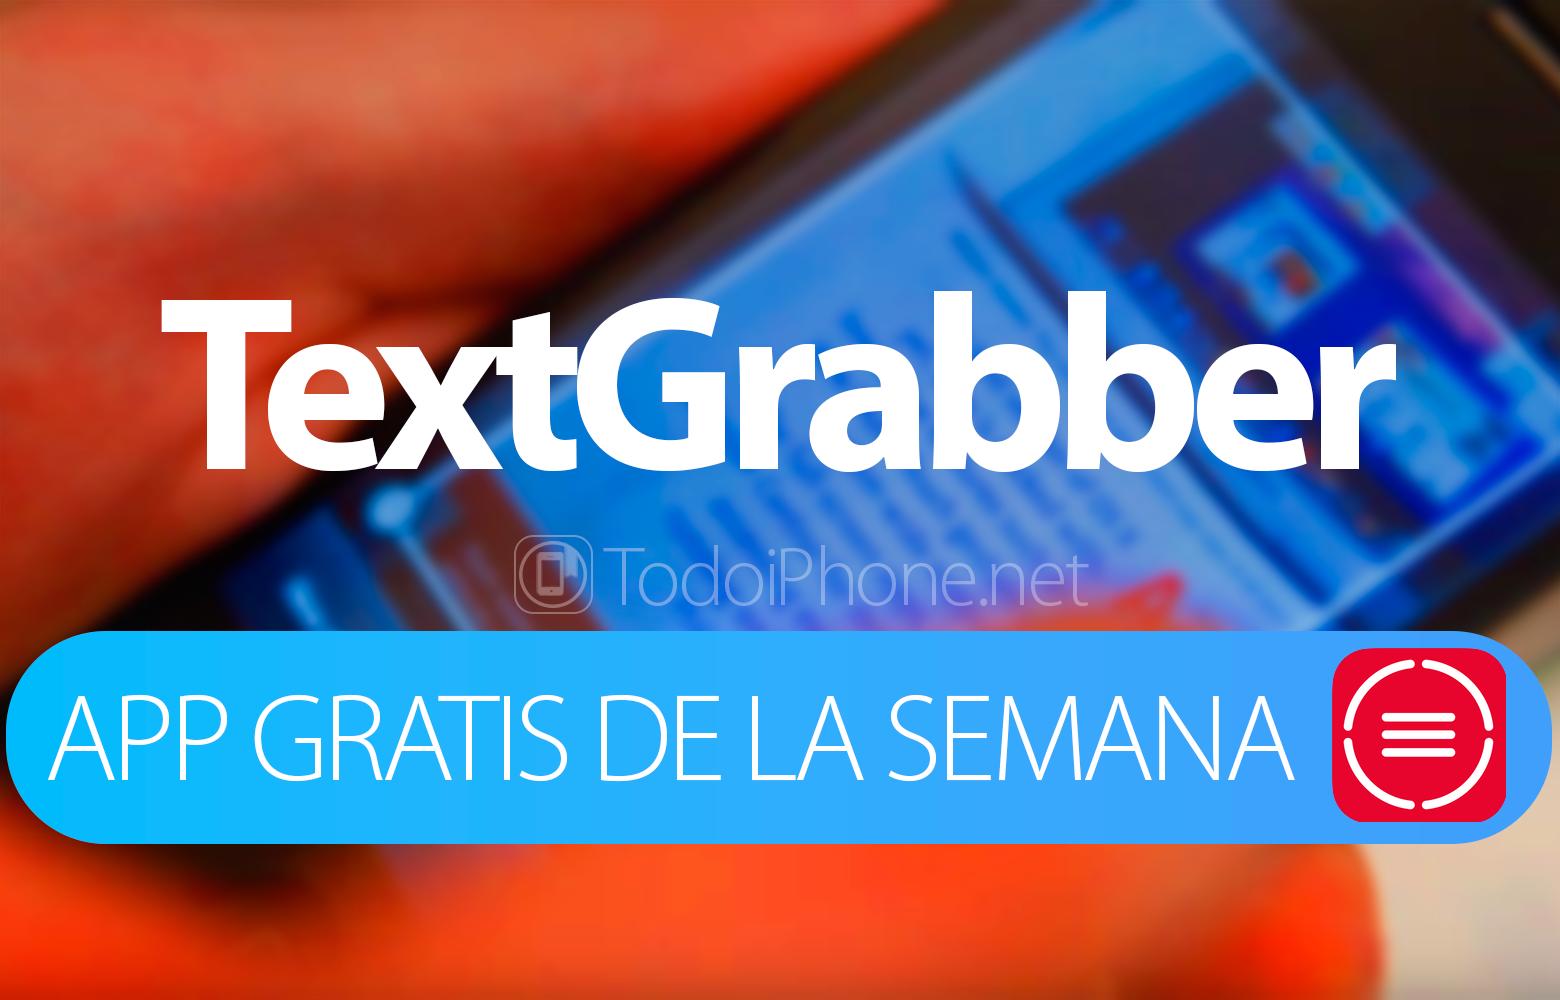 TextGrabber - Ứng dụng iTunes tuần này 2